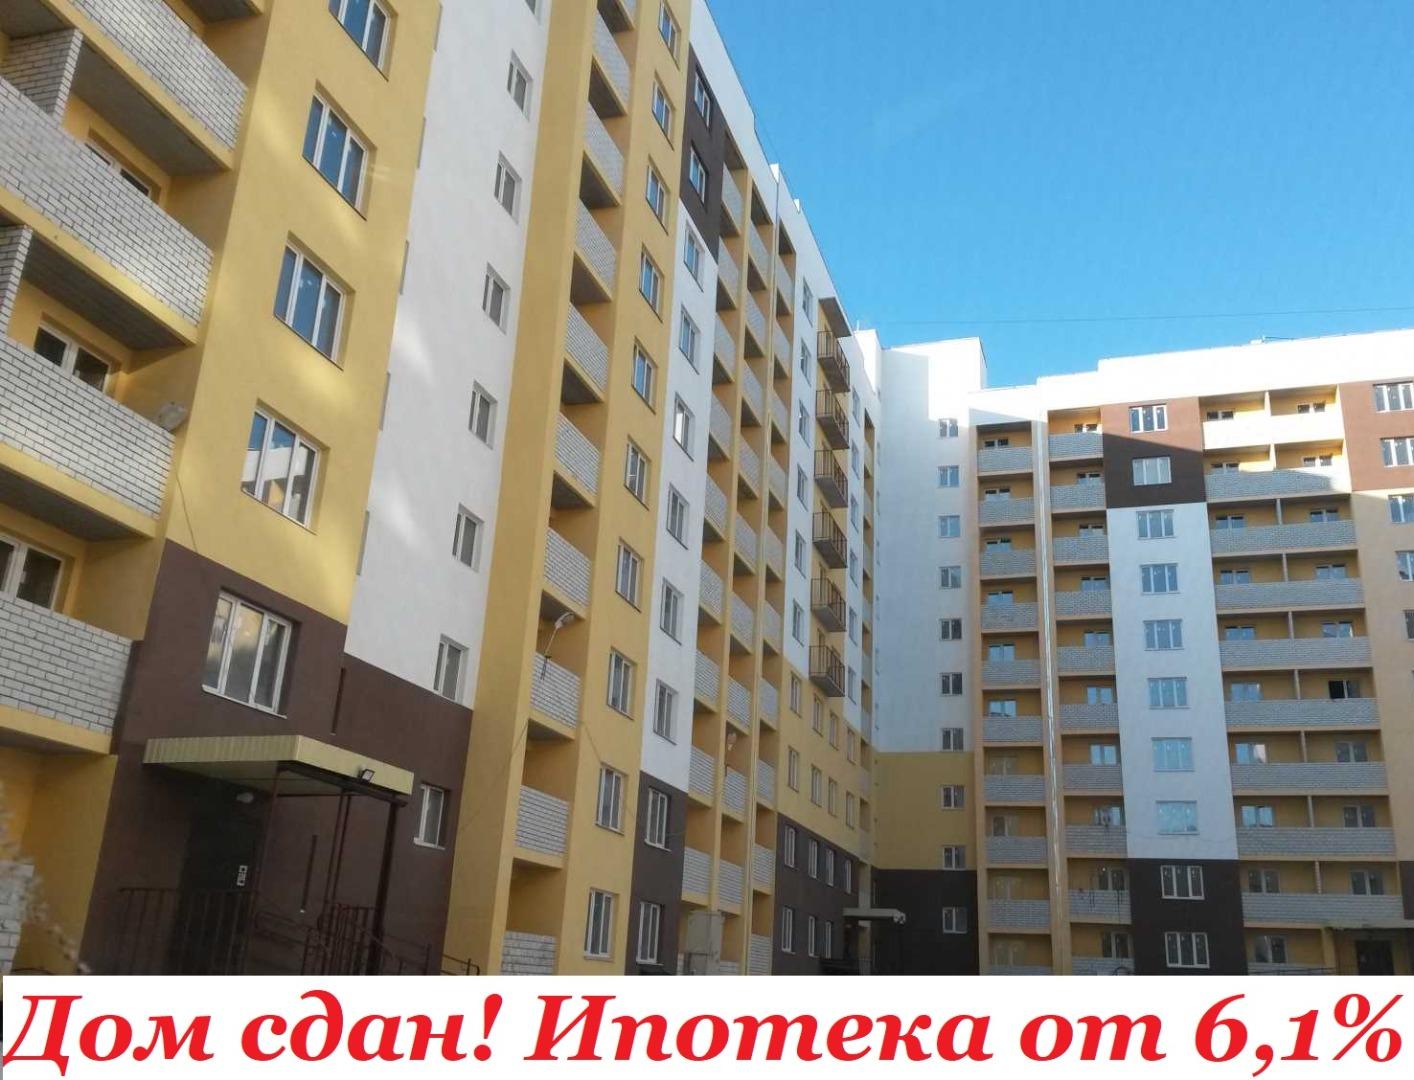 Продам 0-комнатную квартиру в городе Саратов, на улице Миллеровская,  15, 5-этаж 10-этажного кирпичный дома, площадь: 25.7/16.17/0 м2